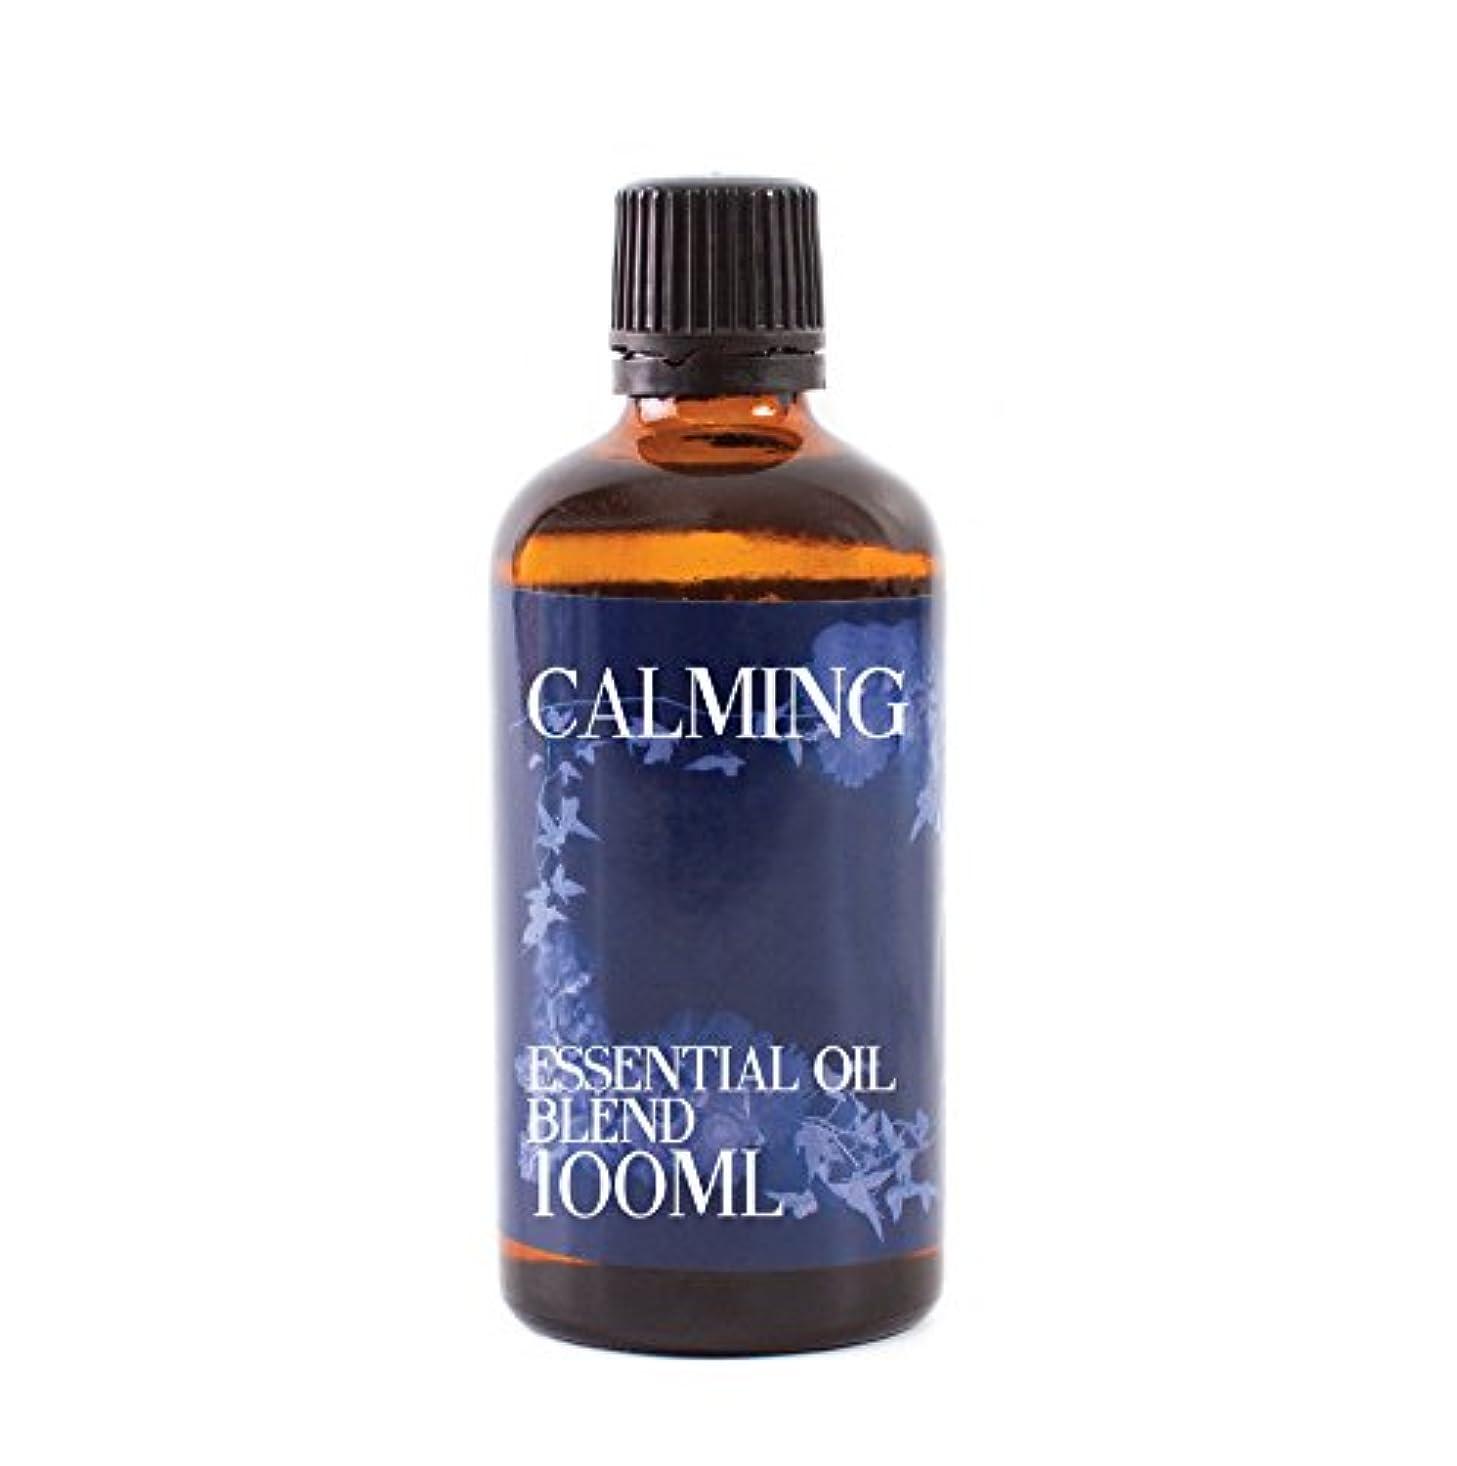 バインド医薬品曲げるMystix London | Calming Essential Oil Blend - 100ml - 100% Pure